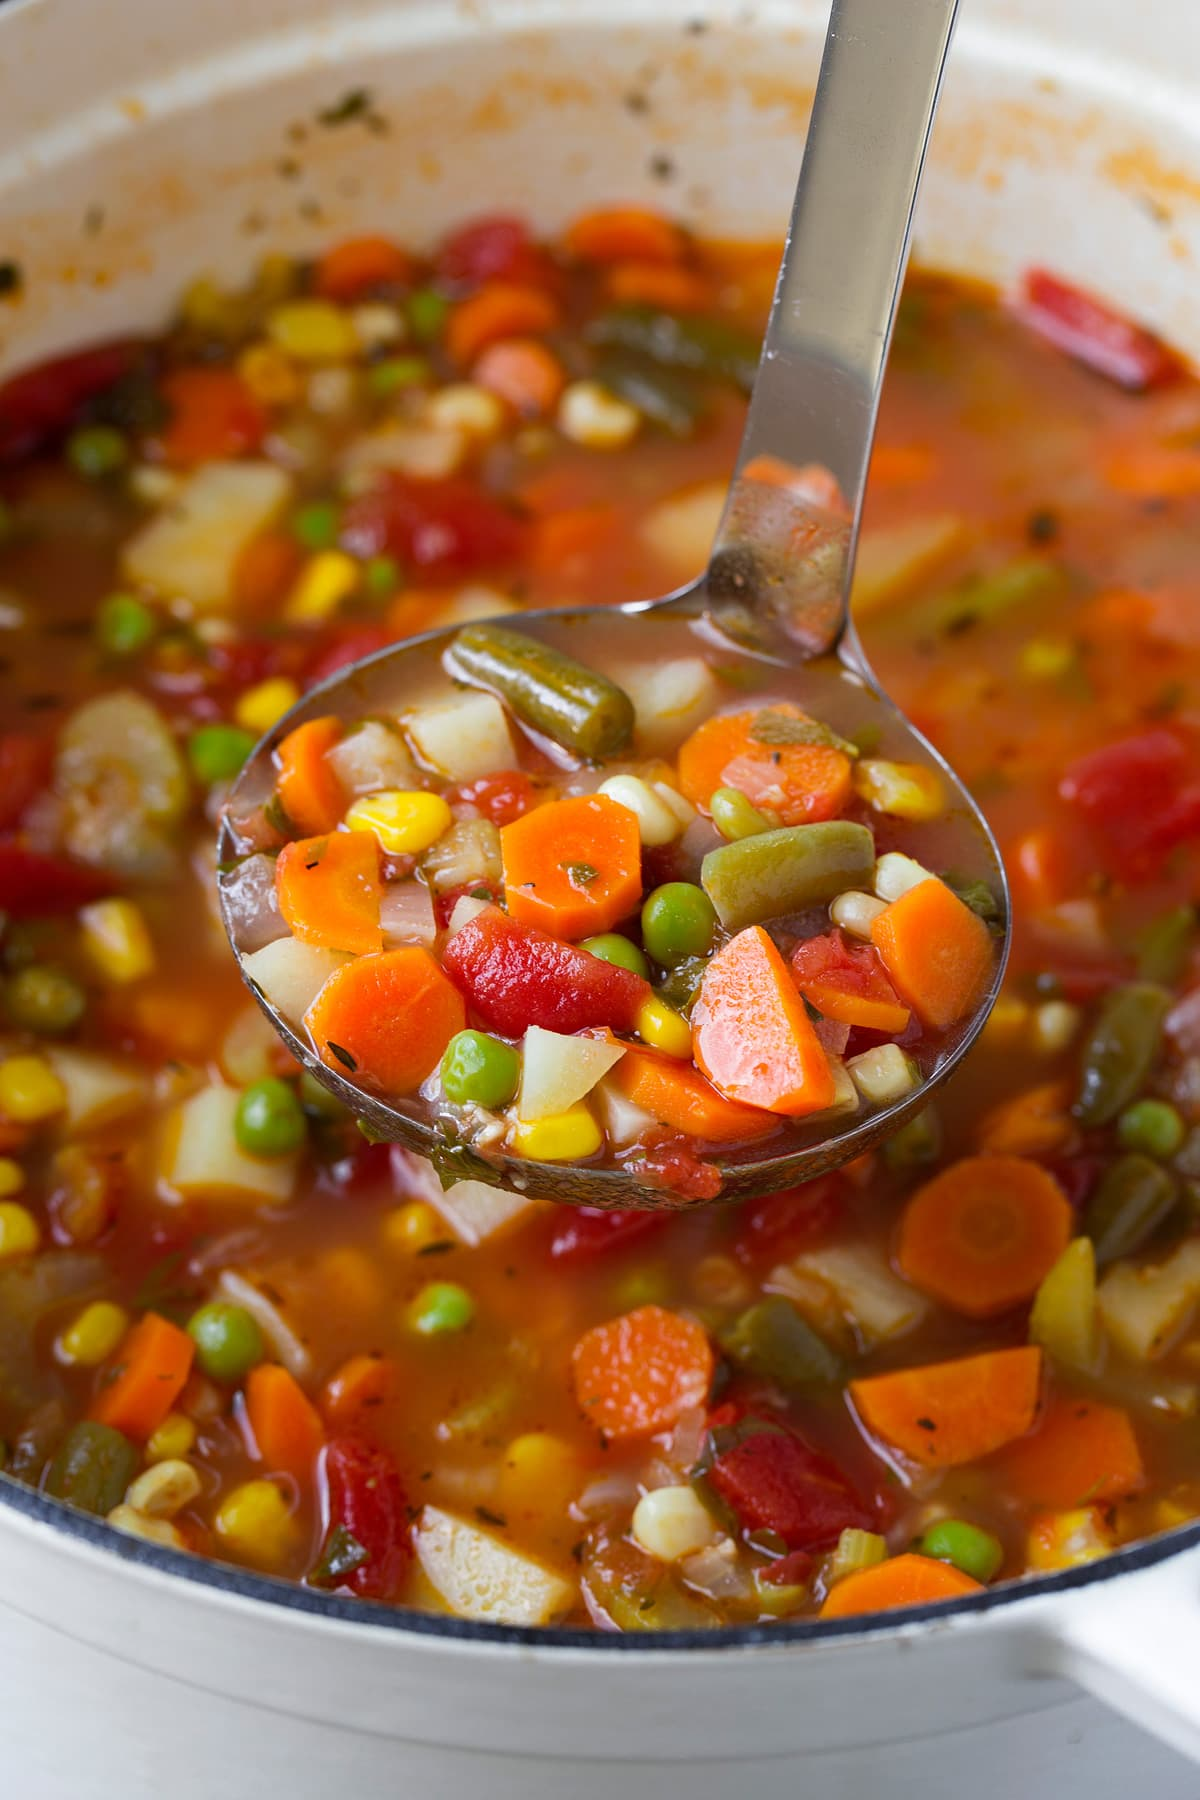 Go-to Veggie Soups